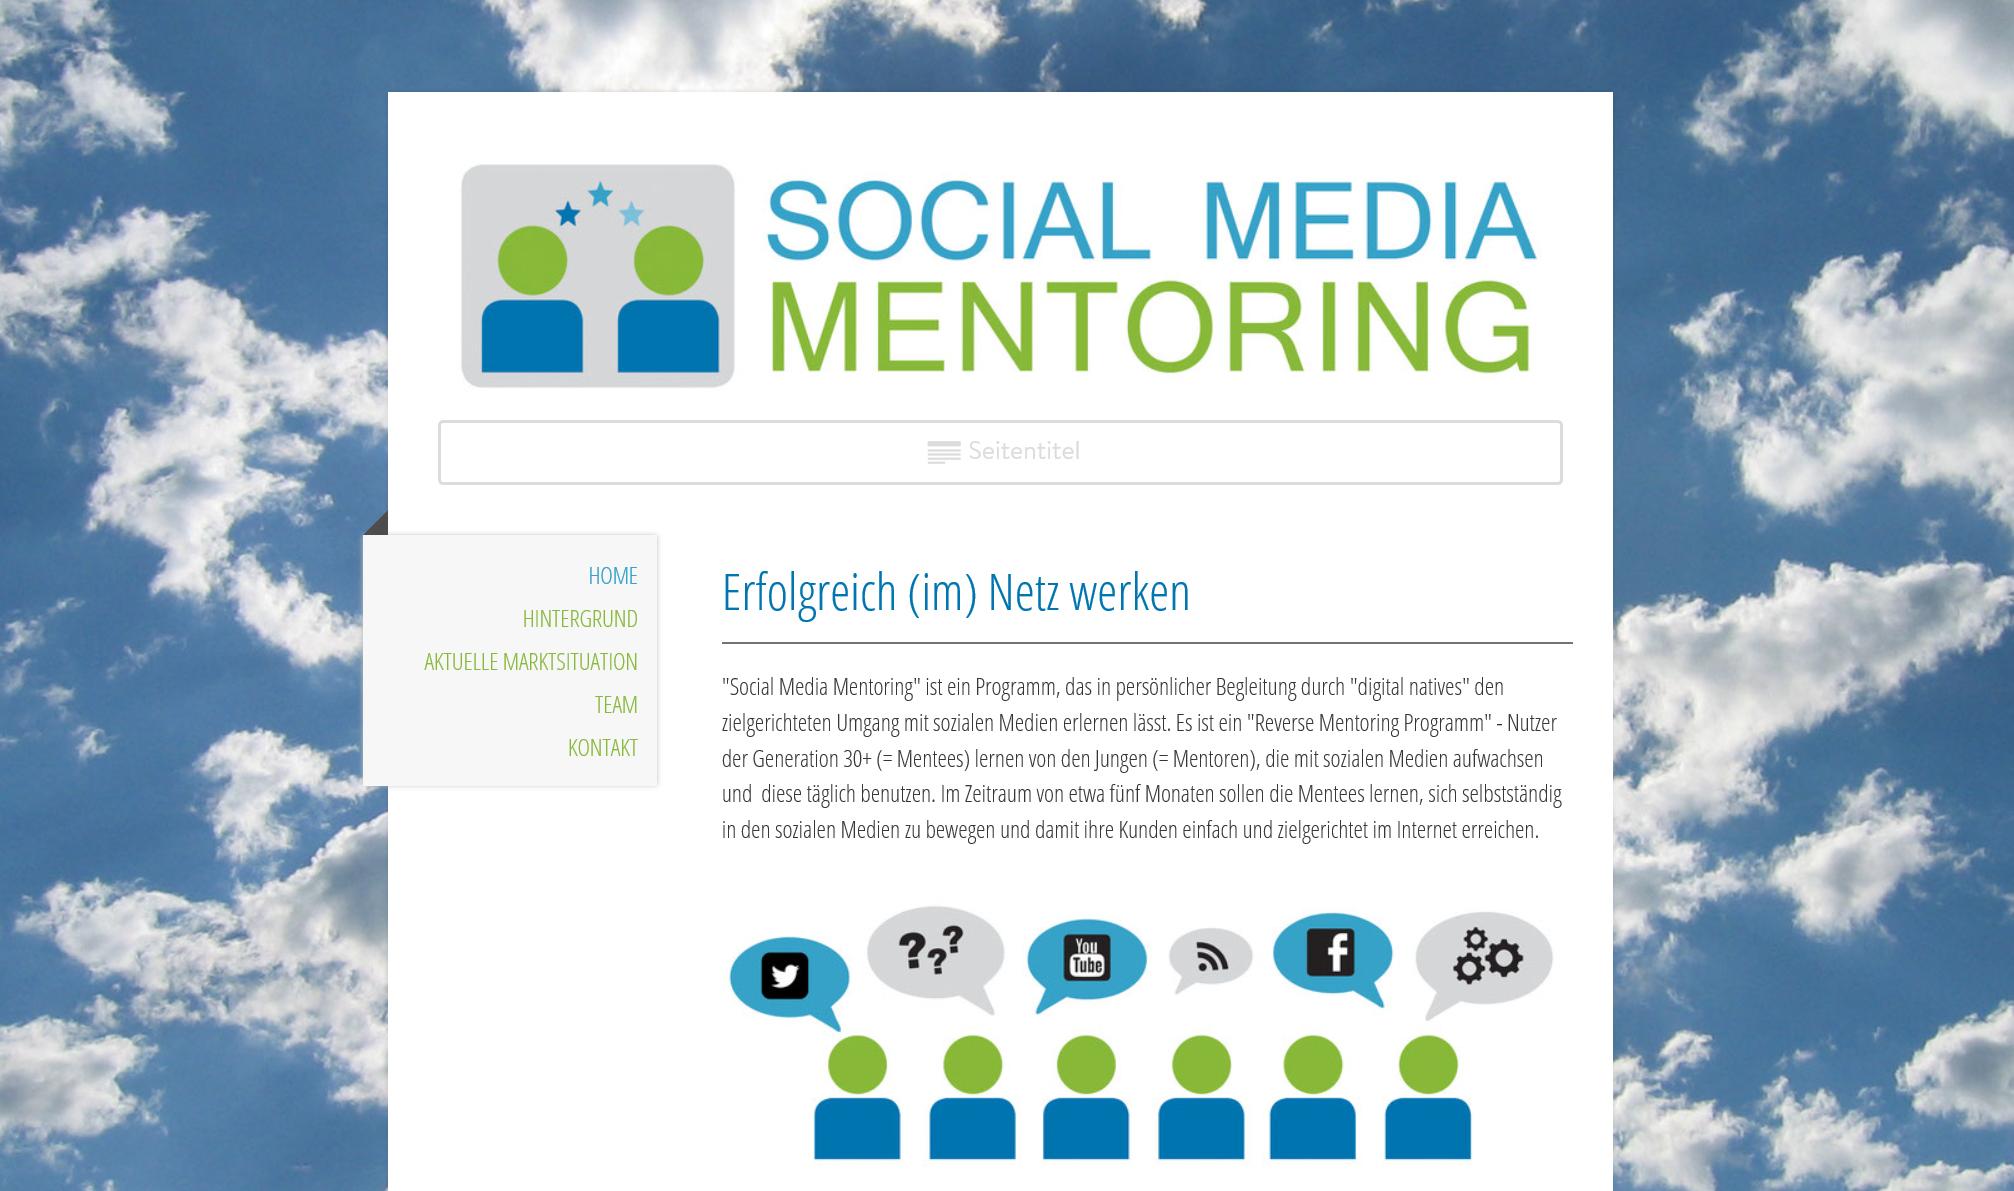 www.social-media-mentoring.at